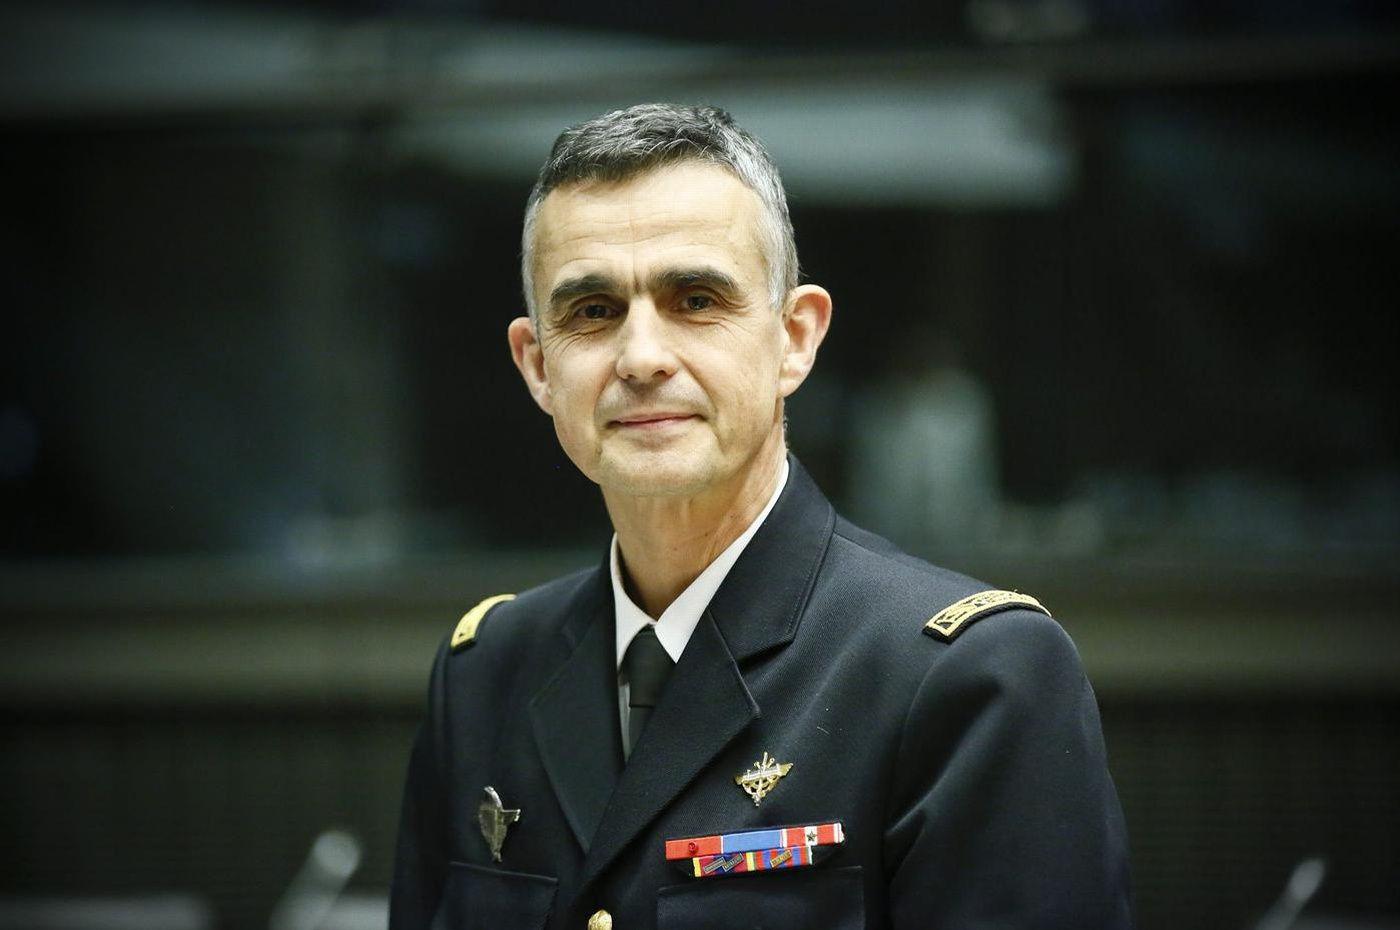 Pour le Général Soubelet, il devient insupportable d'entendre le gouvernement demander des efforts aux Français alors même que ce dernier n'est en rien exemplaire.